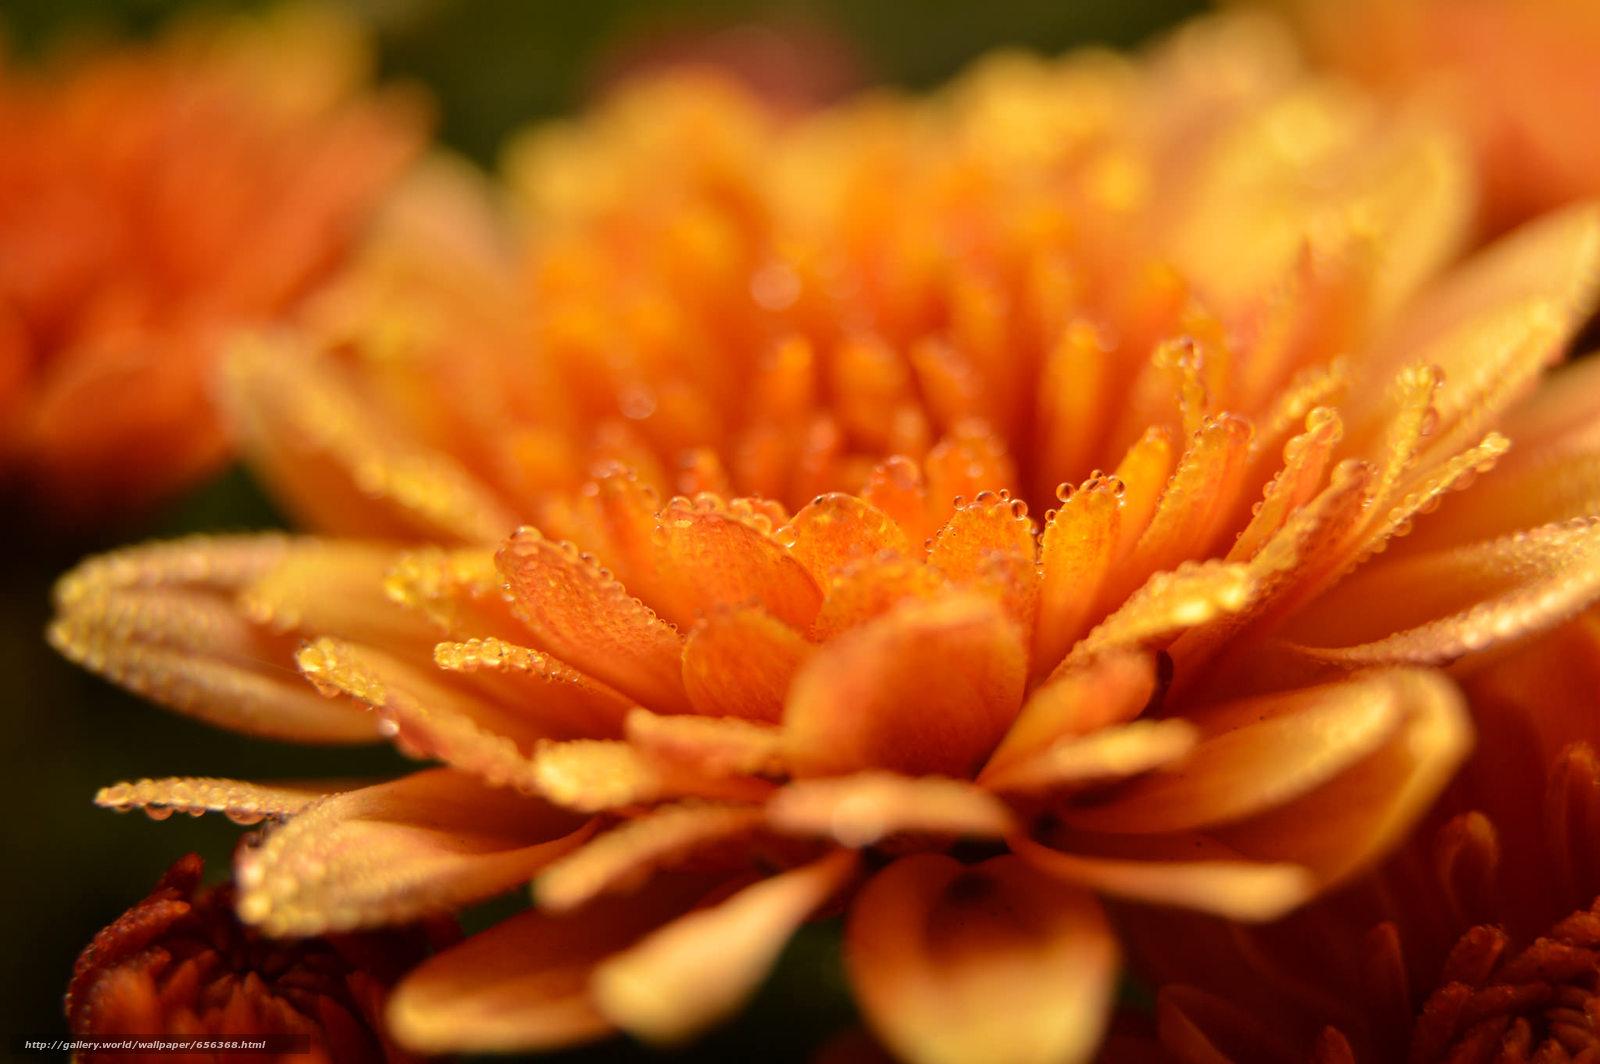 壁紙をダウンロード 花,  フローラ,  マクロ デスクトップの解像度のための無料壁紙 2048x1362 — 絵 №656368